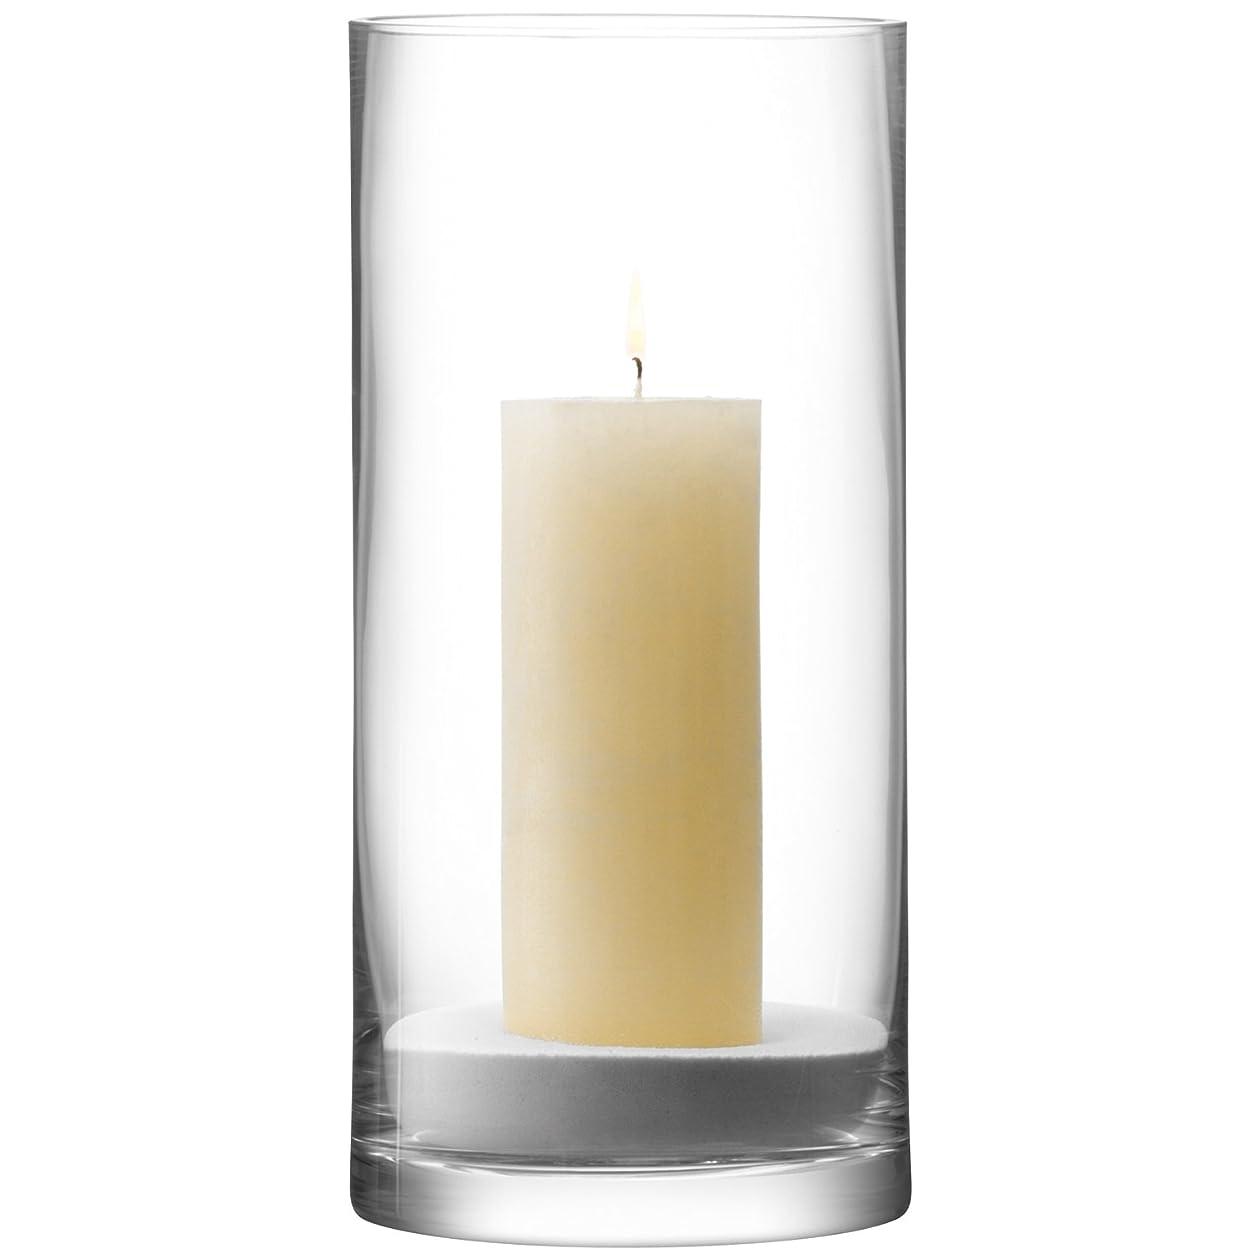 ライド信仰ソビエトLSA COLUMN フラワーベース(花器)/キャンドルホルダー 高さ36 x ?17cm クリアー  TLA0056